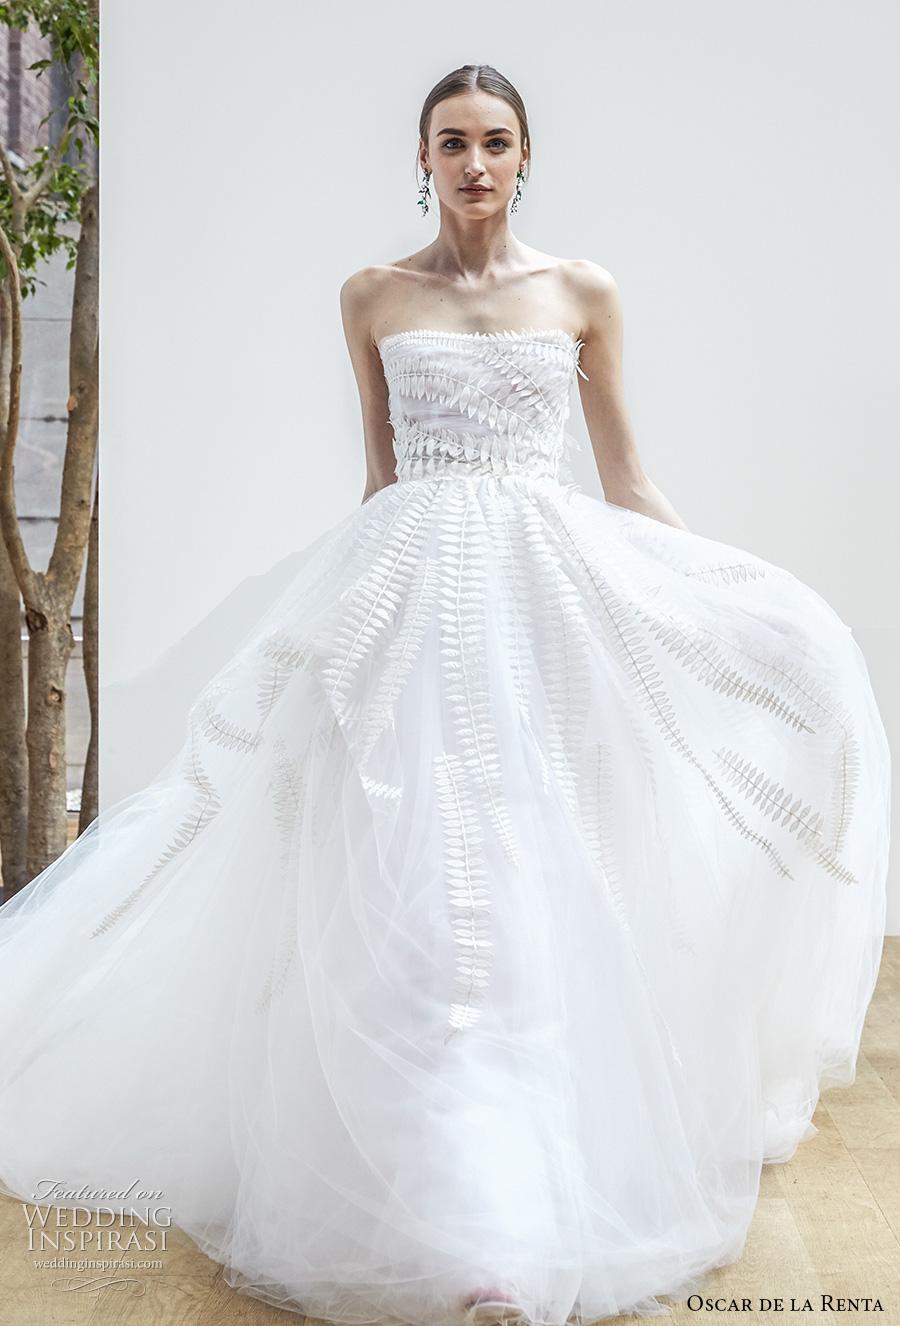 Oscar de la renta spring 2018 wedding dresses wedding for How much do oscar de la renta wedding dresses cost